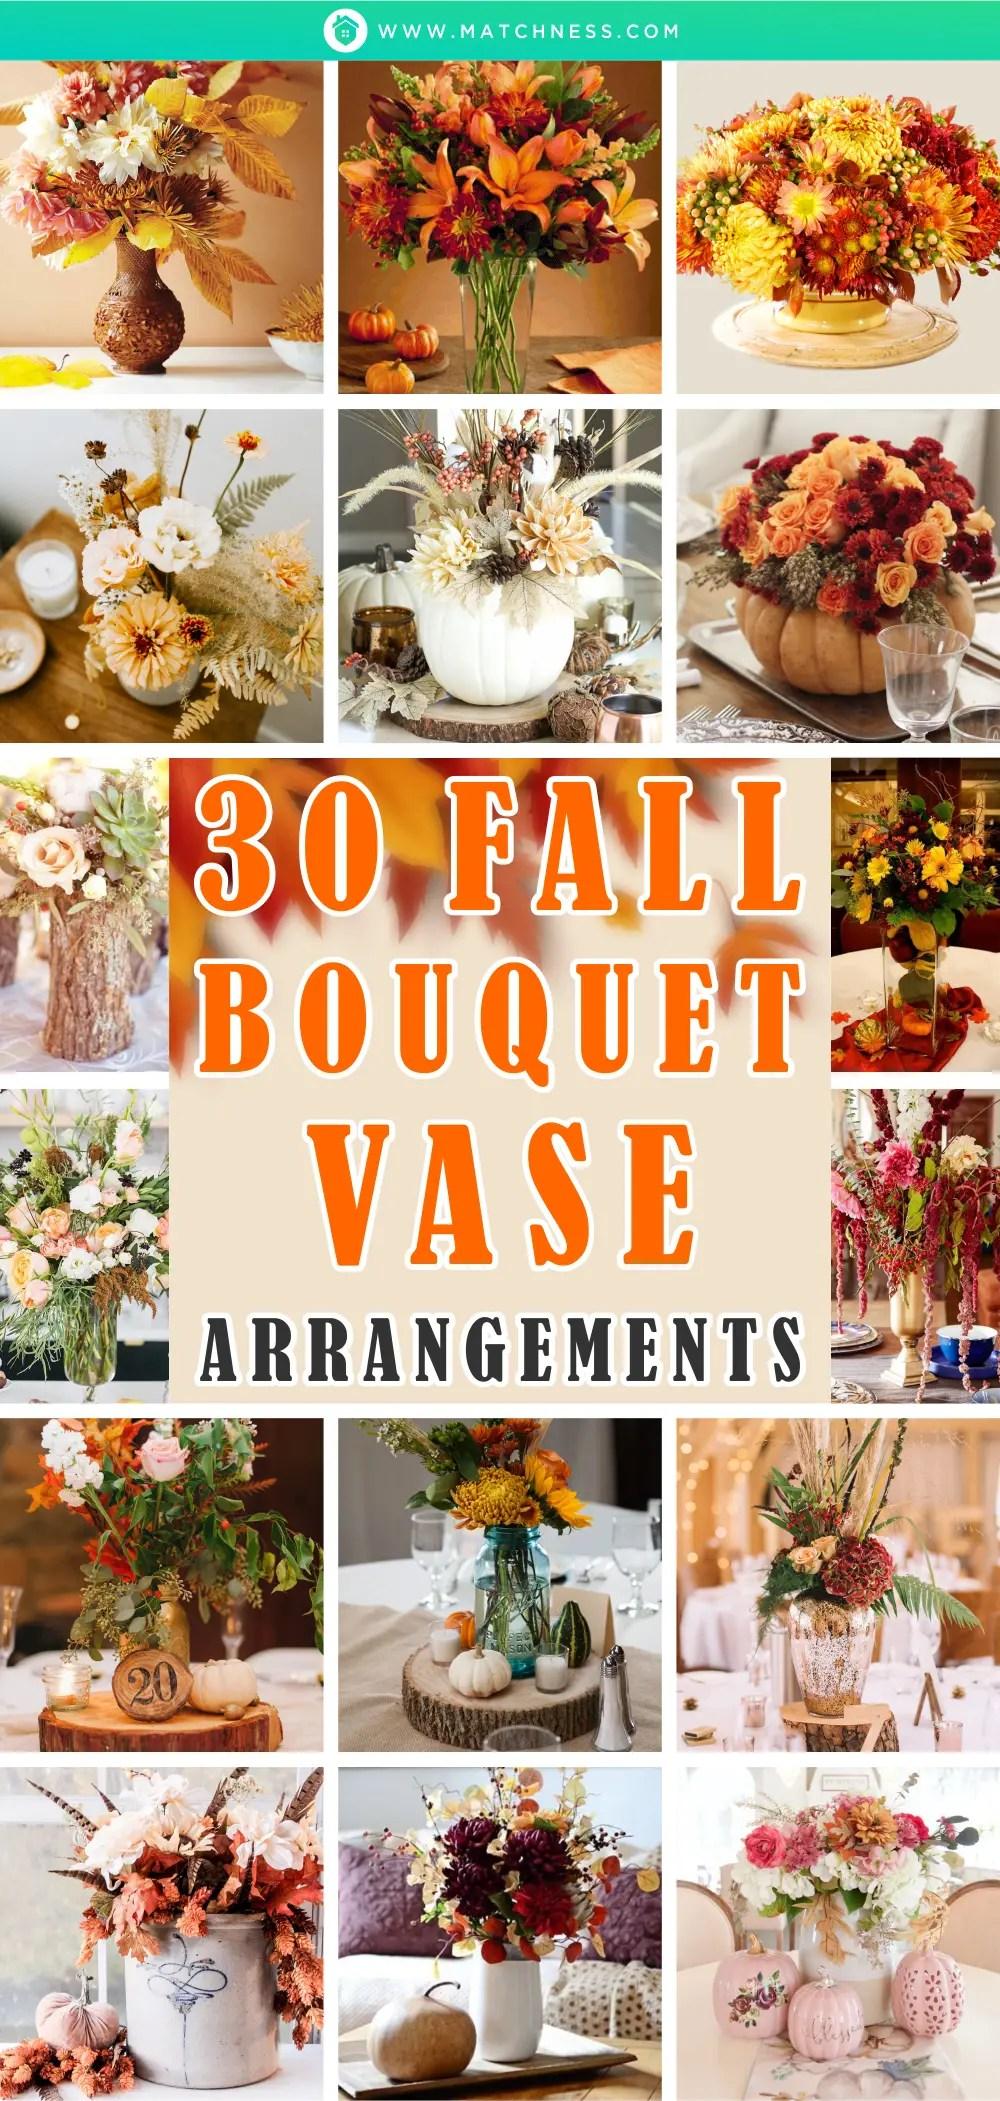 30-fall-bouquet-vase-arrangements1